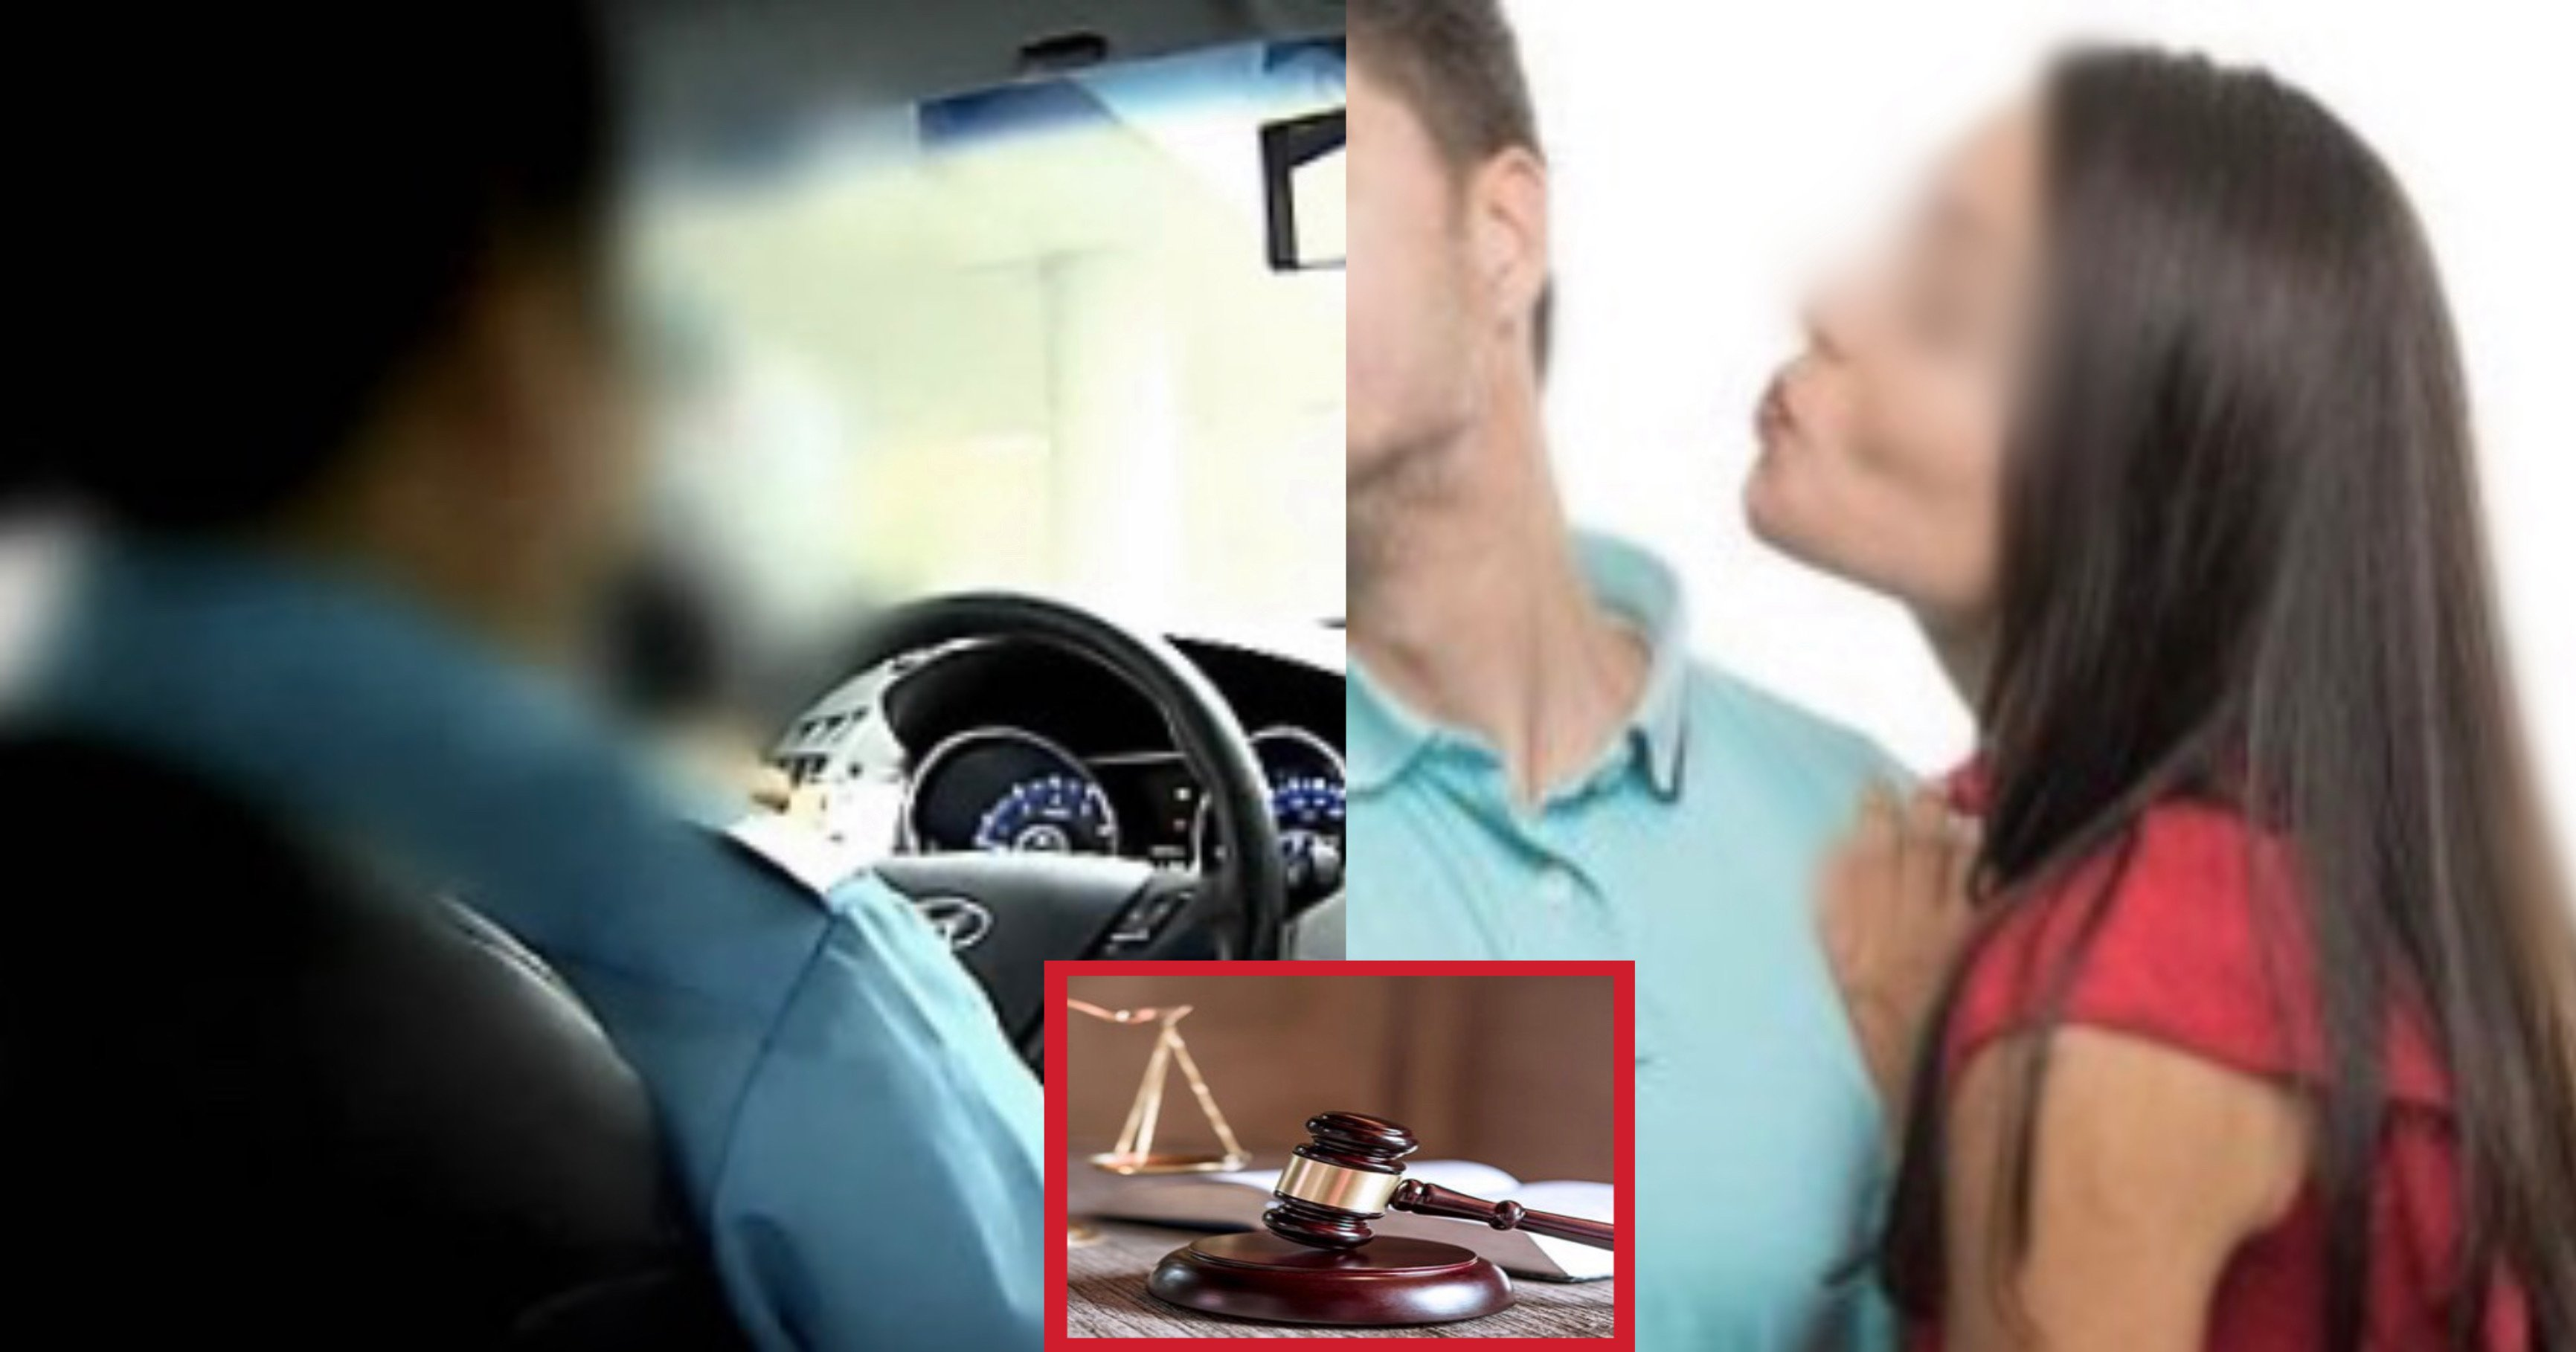 """9b47ed93 d9de 451f b59a 12ffba5c32d5.jpg?resize=1200,630 - """"서양식 인사였는데""""..조수석에 앉아 택시 기사님한테 기습 '입맞춤'한 여성에게 법원이 내린 판결"""